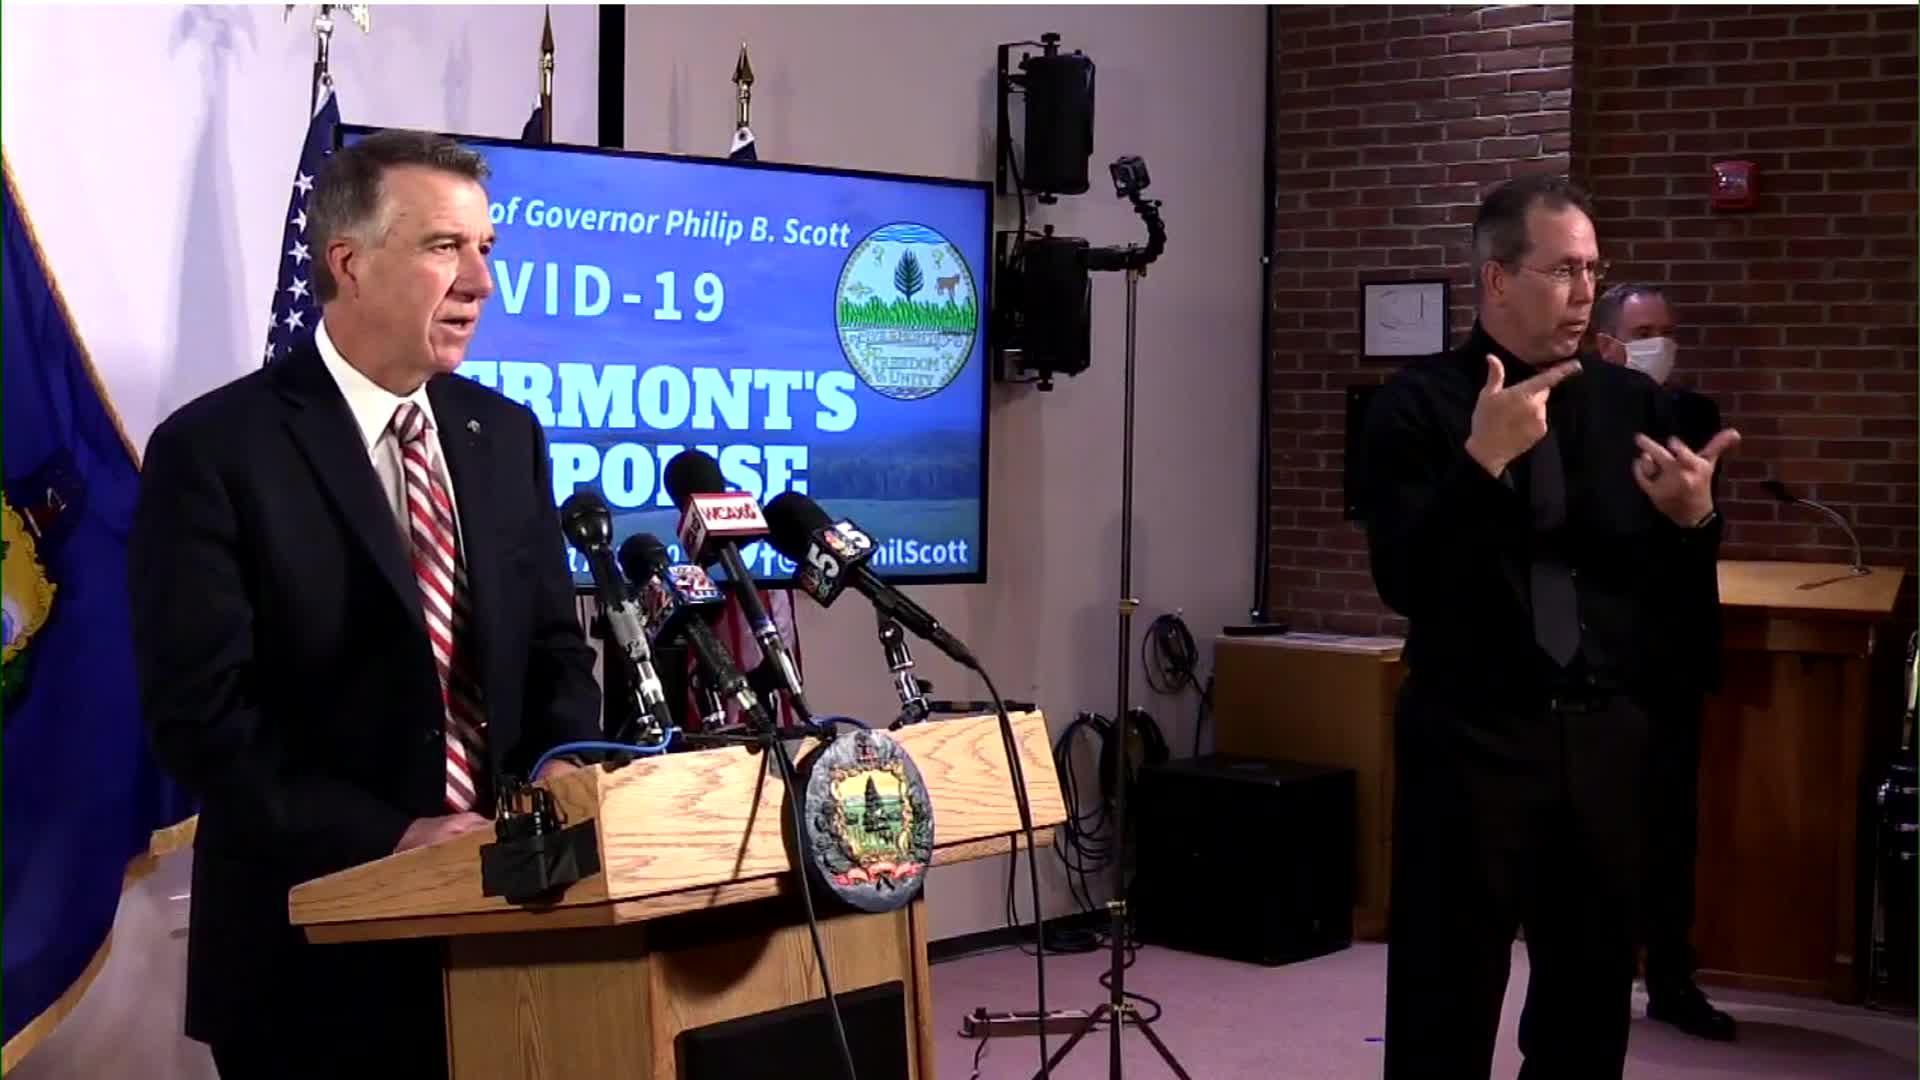 Vermont Gov. Phil Scott speaks during a press briefing in Montpelier, Vermont, on July 17.